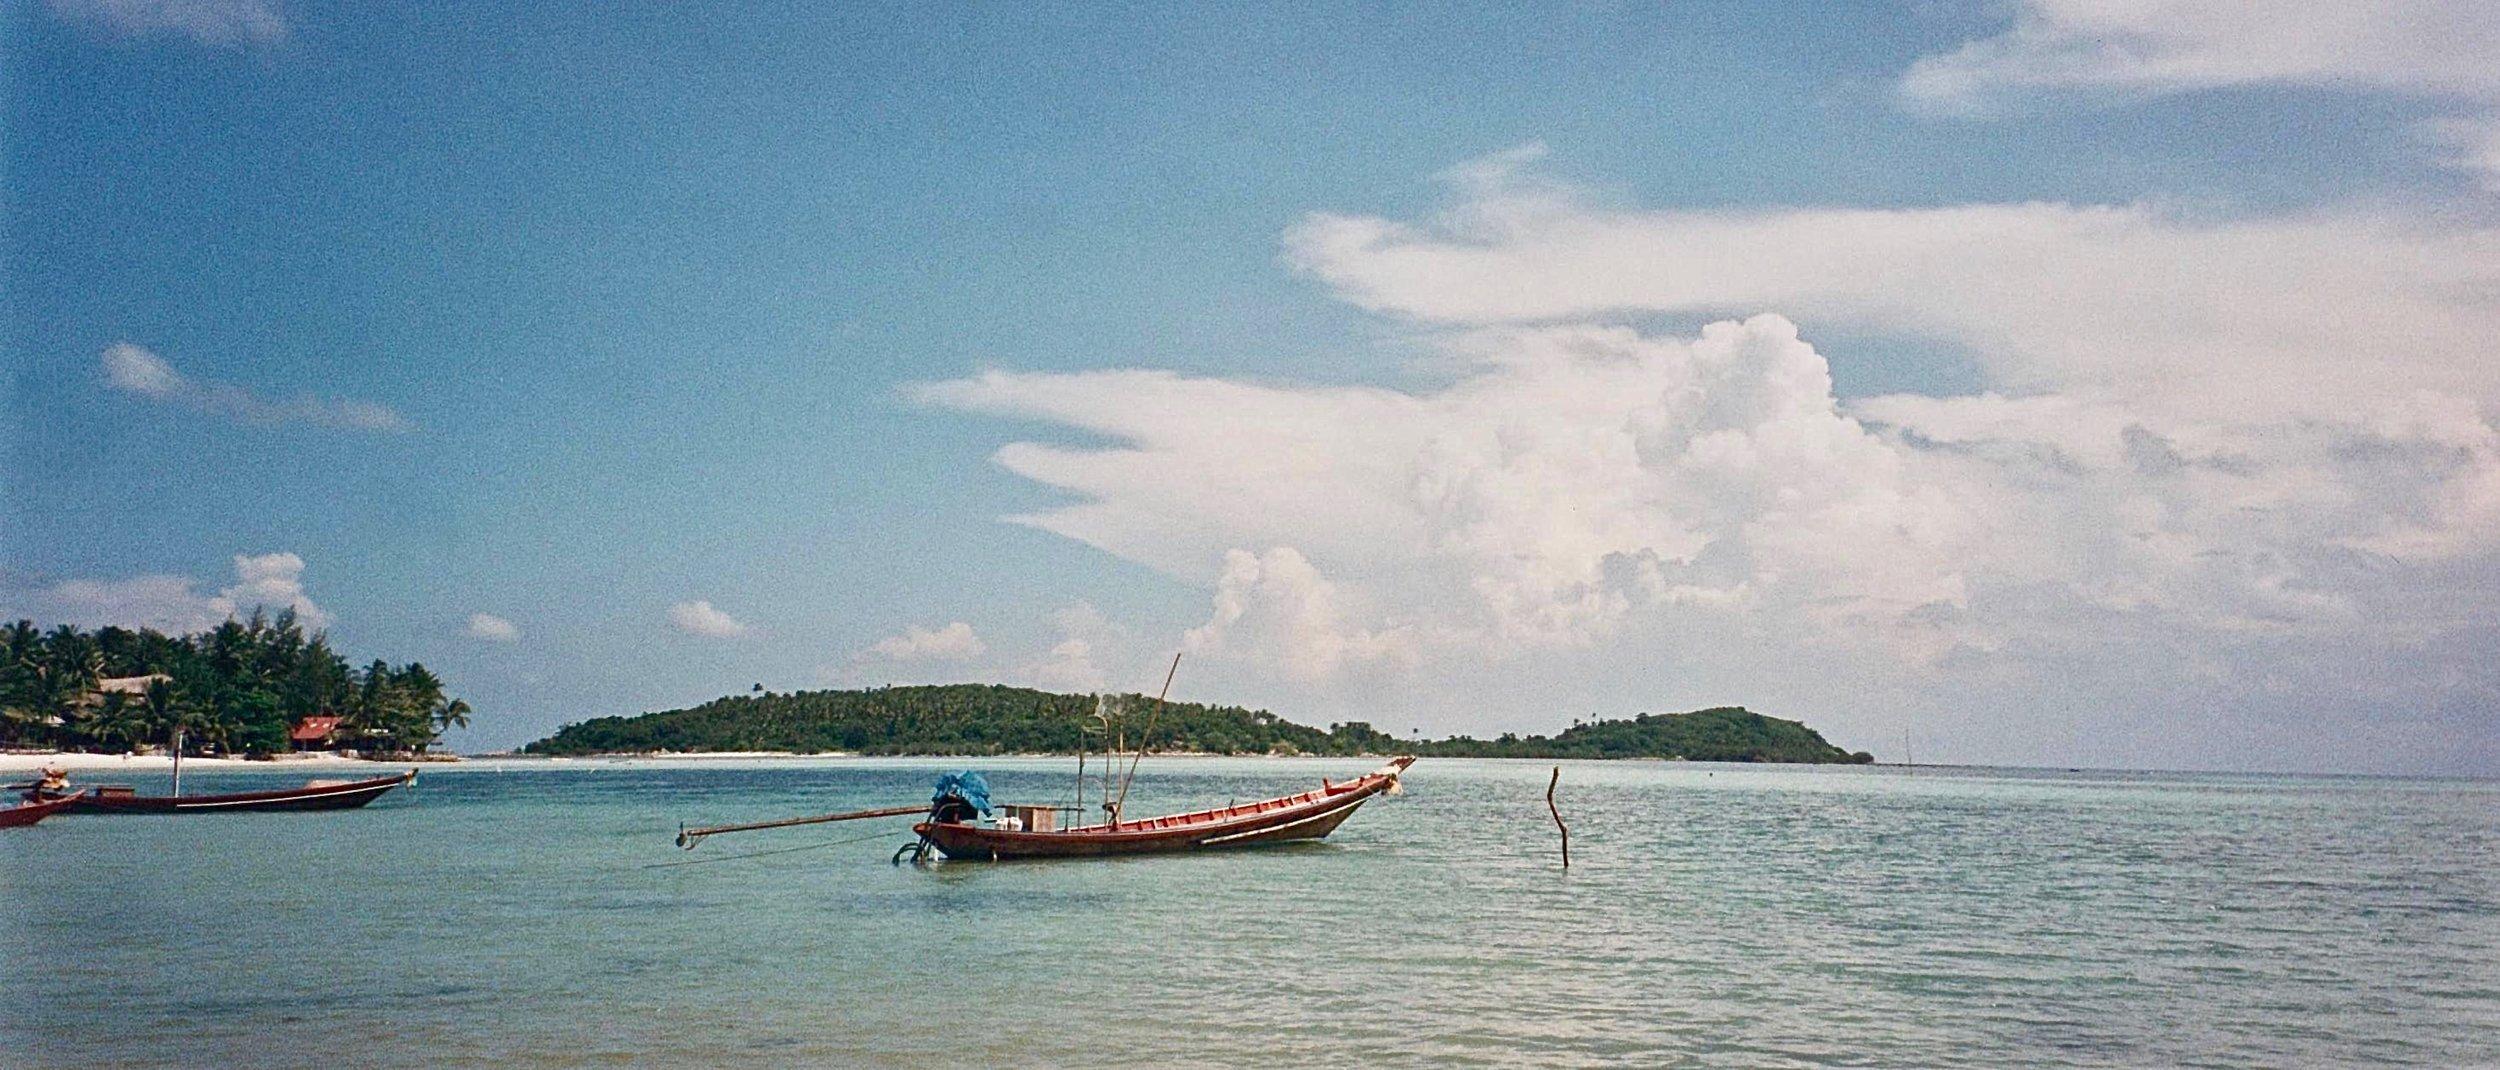 Thailand shot